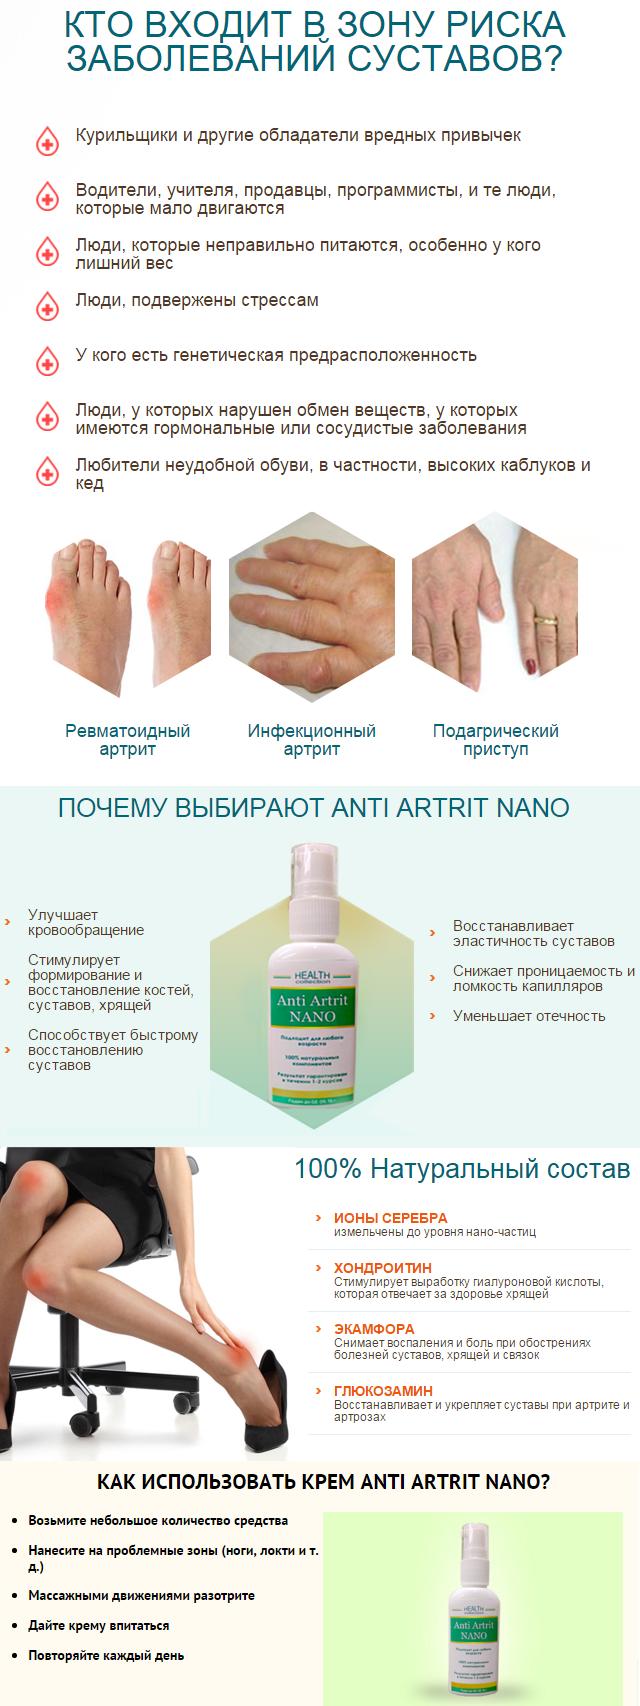 Де купити анти артрит нано